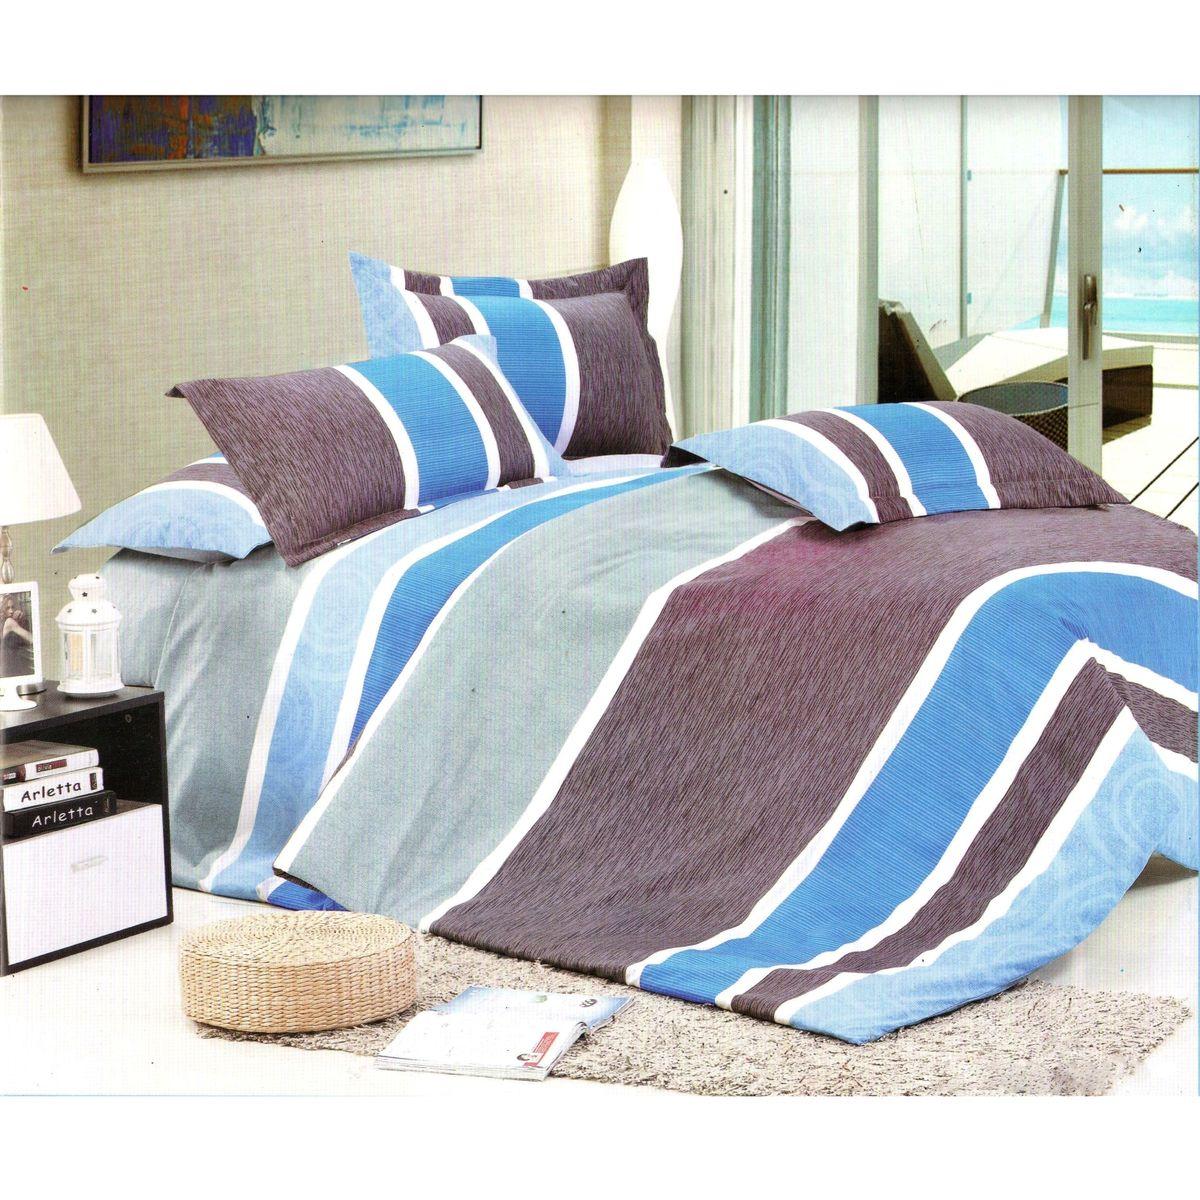 Комплект белья Этель Параллель, семейный, наволочки 70x70, цвет: серый, белый, голубой68/5/3Комплект постельного белья Этель Параллель состоит из двух пододеяльников на молнии, простыни и двух наволочек. Постельное белье оформлено ярким принтом в полоску и имеет изысканный внешний вид. Белье изготовлено из поликоттона отвечающего всем необходимым нормативным стандартам. Поликоттон - это ткань из экологически чистых материалов (50% хлопка, 50% полиэстера). Неоспоримым плюсом белья из такой ткани является мягкостьи легкость, она прекрасно пропускает воздух, приятна на ощупь, не образует катышков на поверхности и за ней легко ухаживать. При соблюдениирекомендаций по уходу, это белье выдерживает много стирок, не линяети не теряет свою первоначальную прочность. Уникальная ткань обеспечивает легкую глажку.Приобретая комплект постельного белья Этель Параллель, вы можете быть уверенны в том, что покупка доставит вам ивашим близким удовольствие и подарит максимальный комфорт.